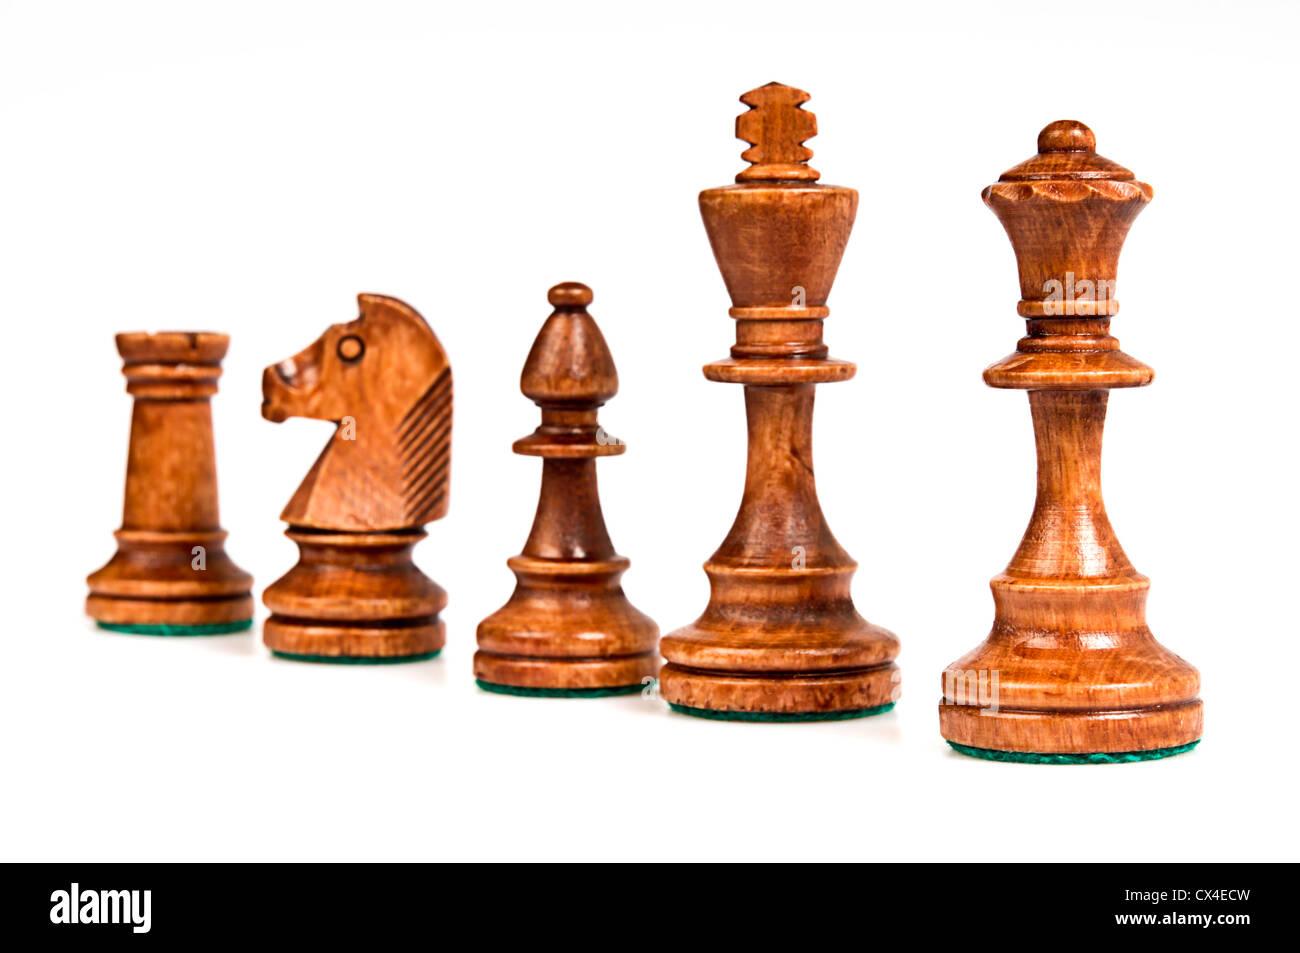 set of Staunton chess pieces - Stock Image